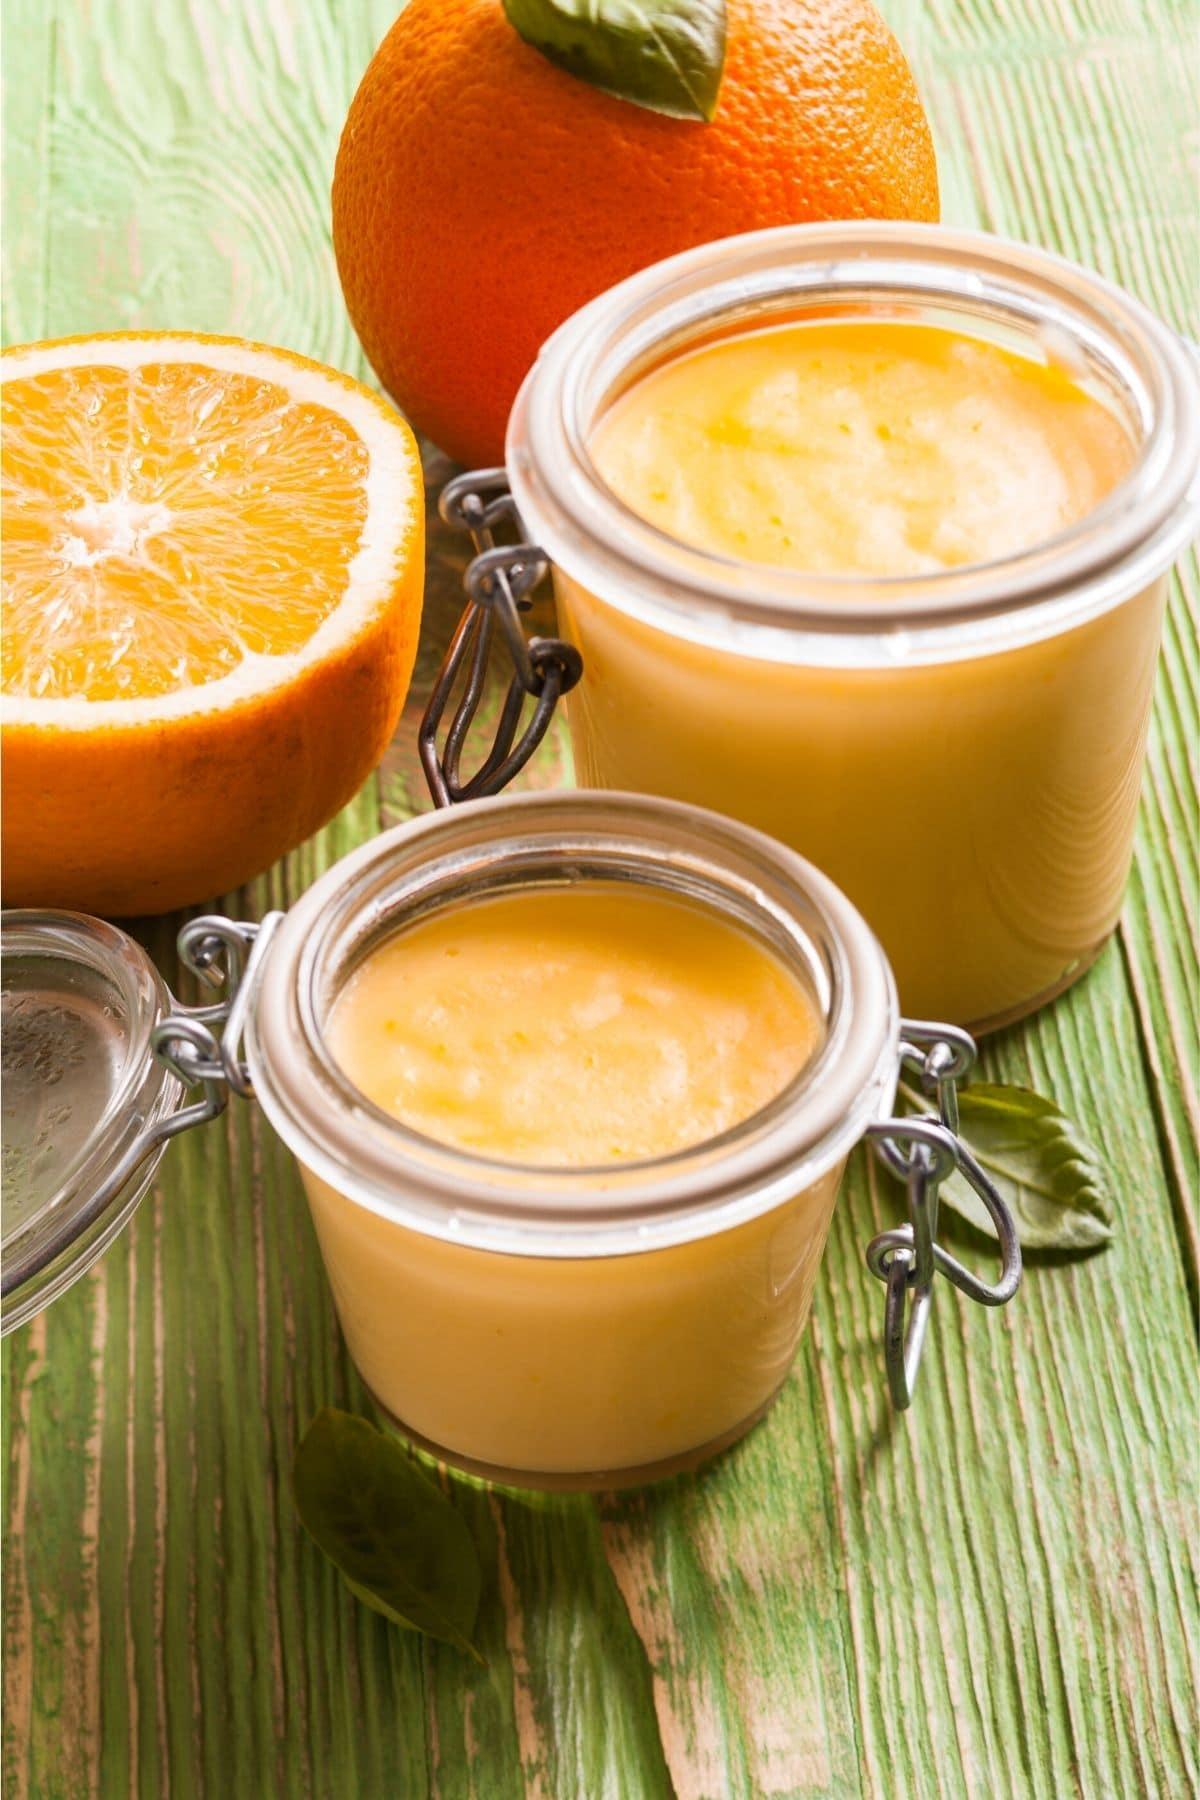 homemade orange curd in jars